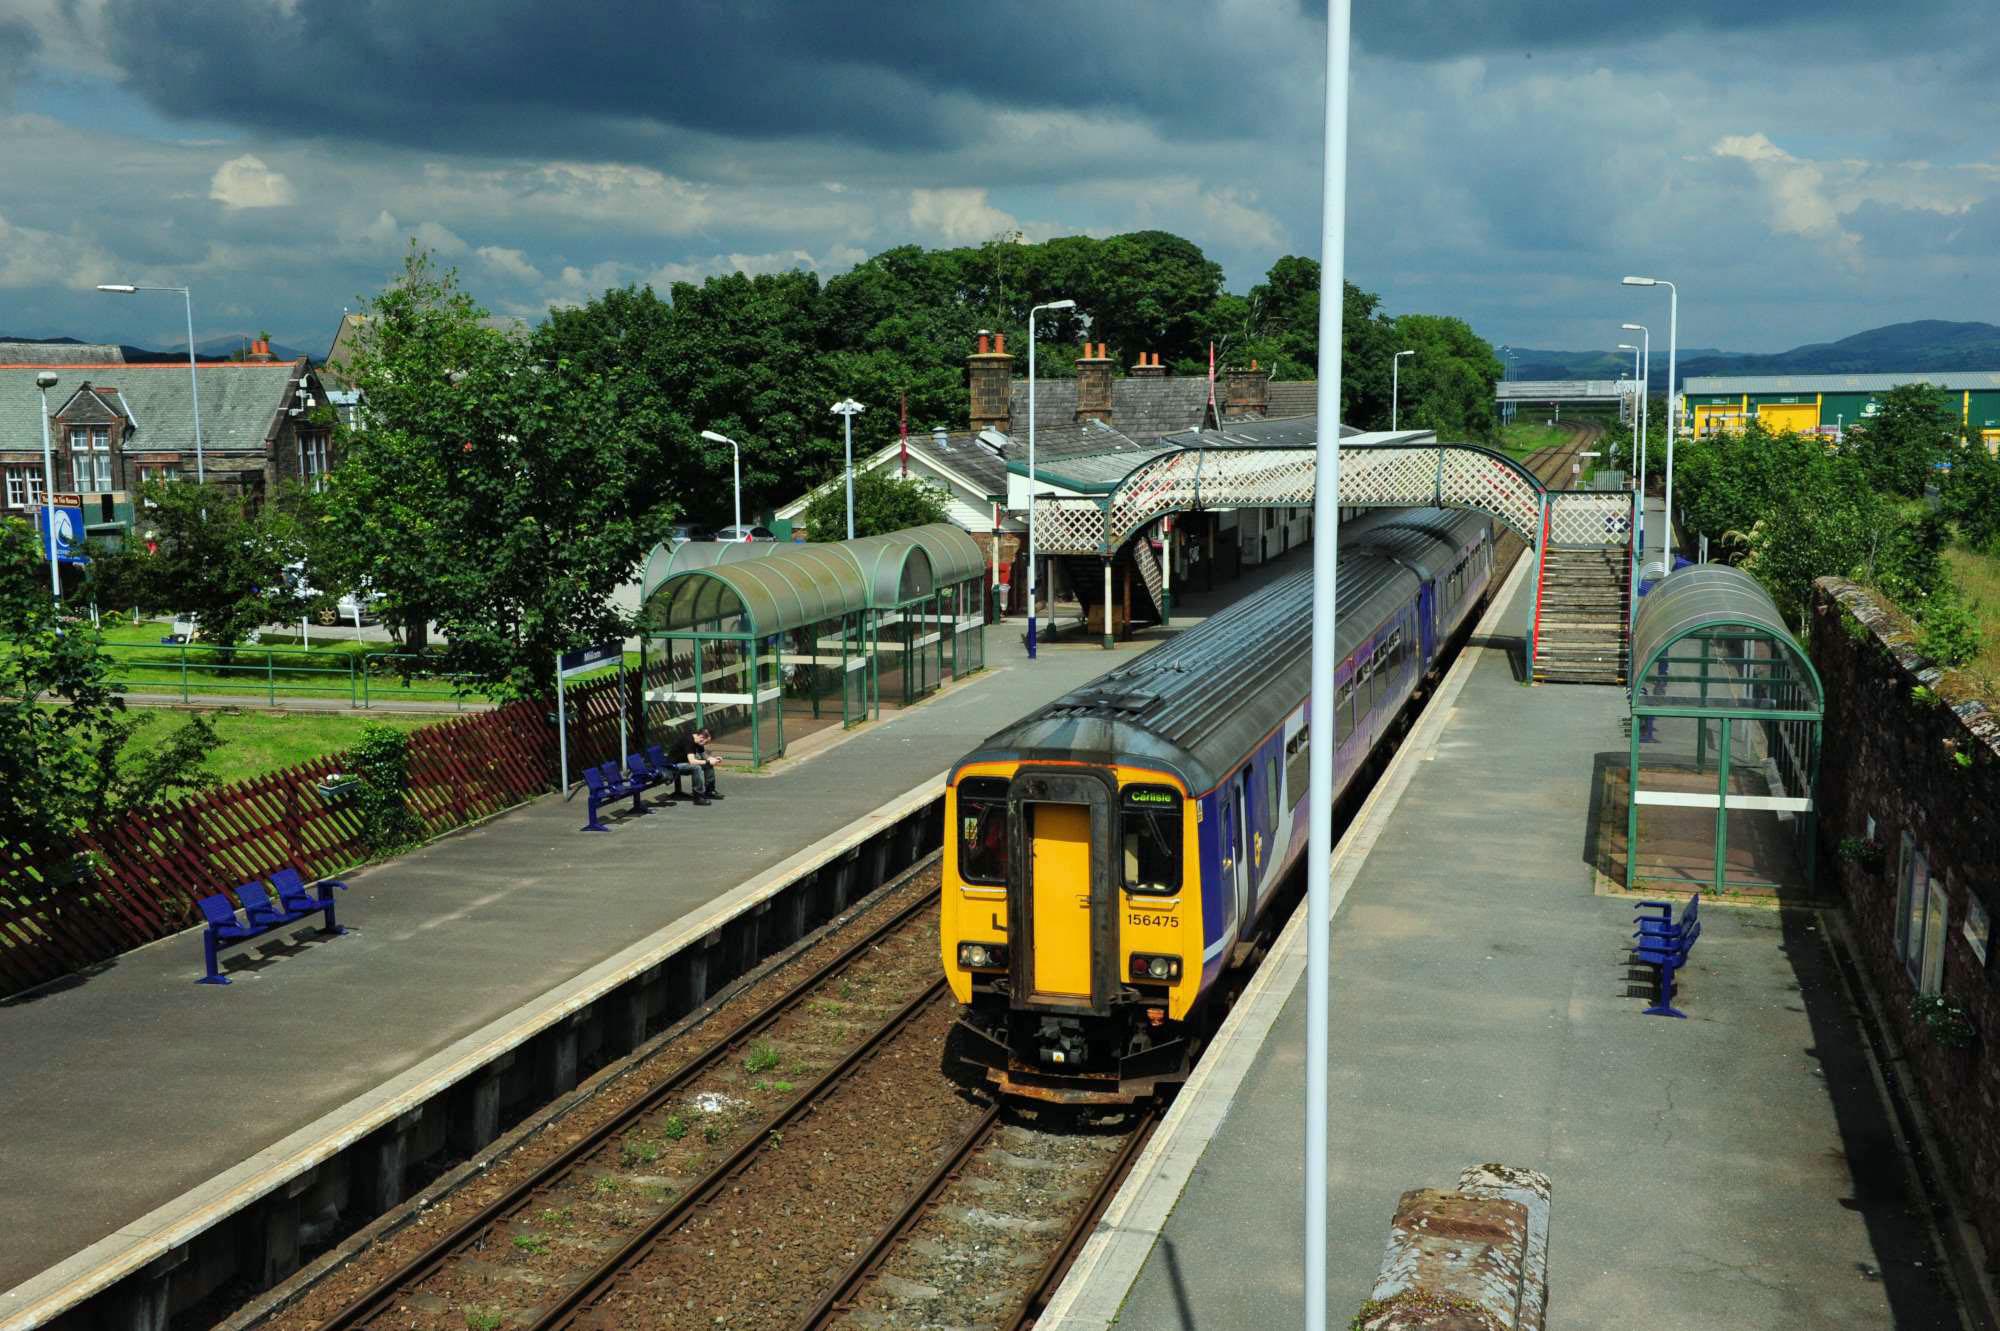 156 at Millom Station